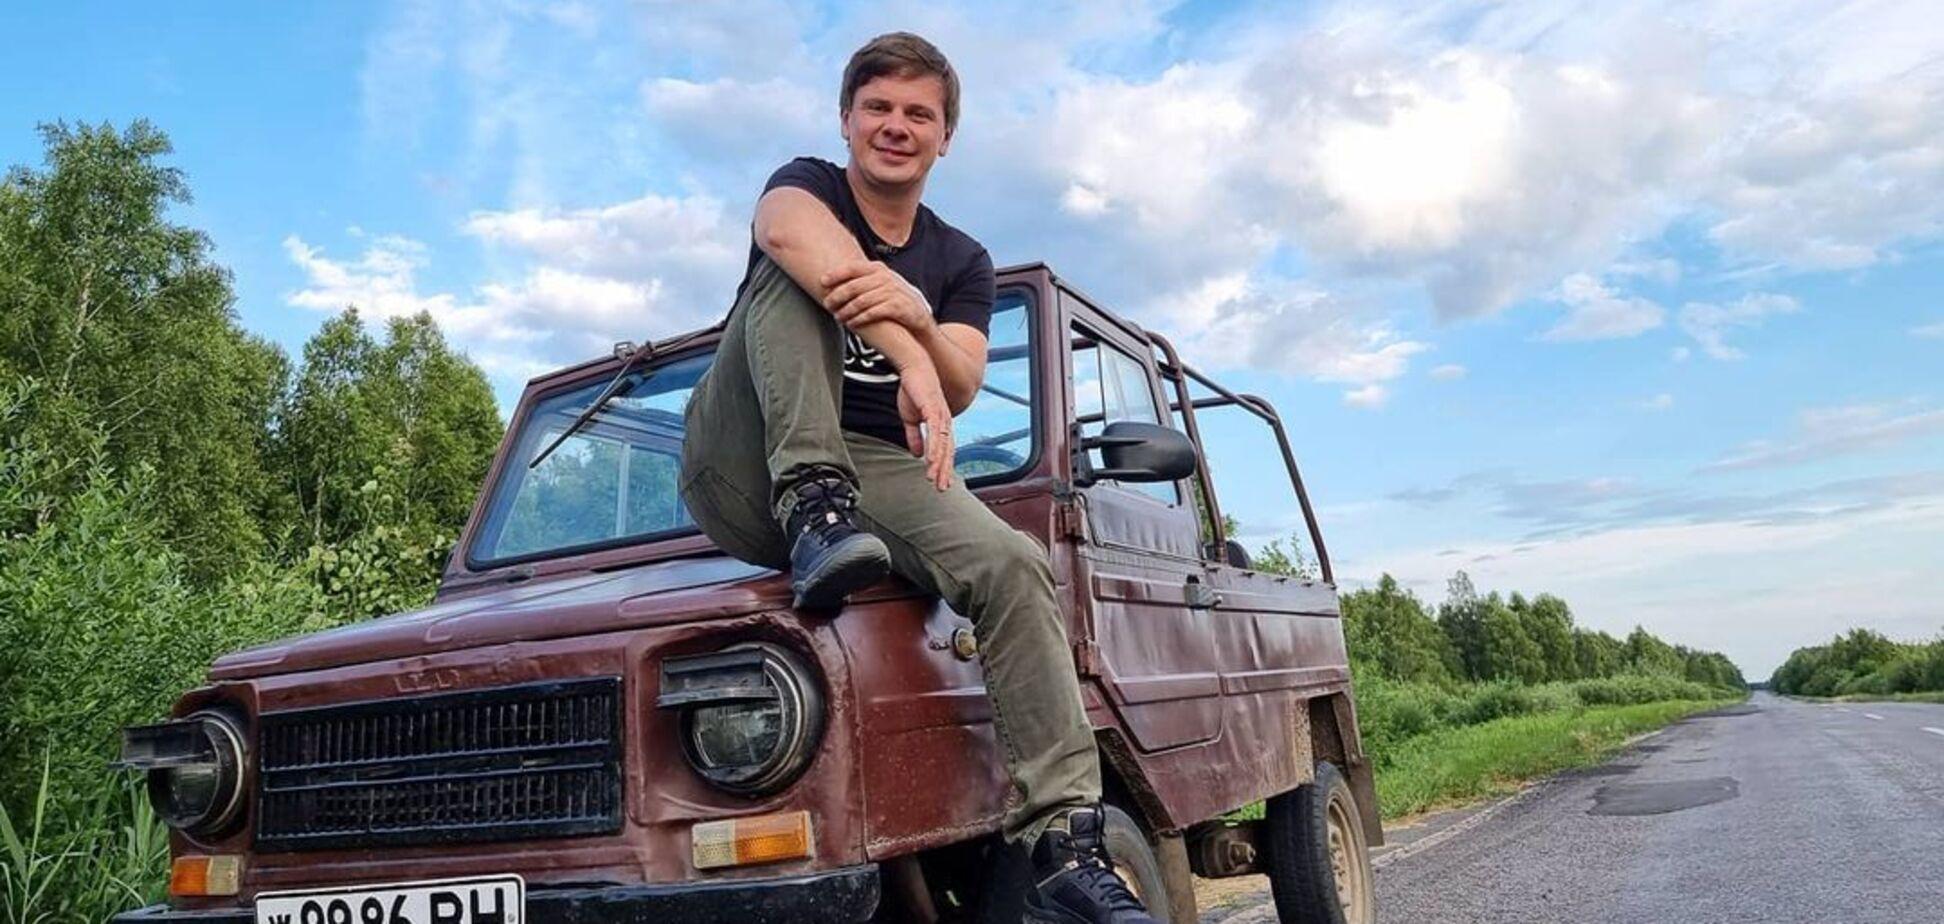 Телеведущий Дмитрий Комаров напугал фанатов своей внешностью. Фото